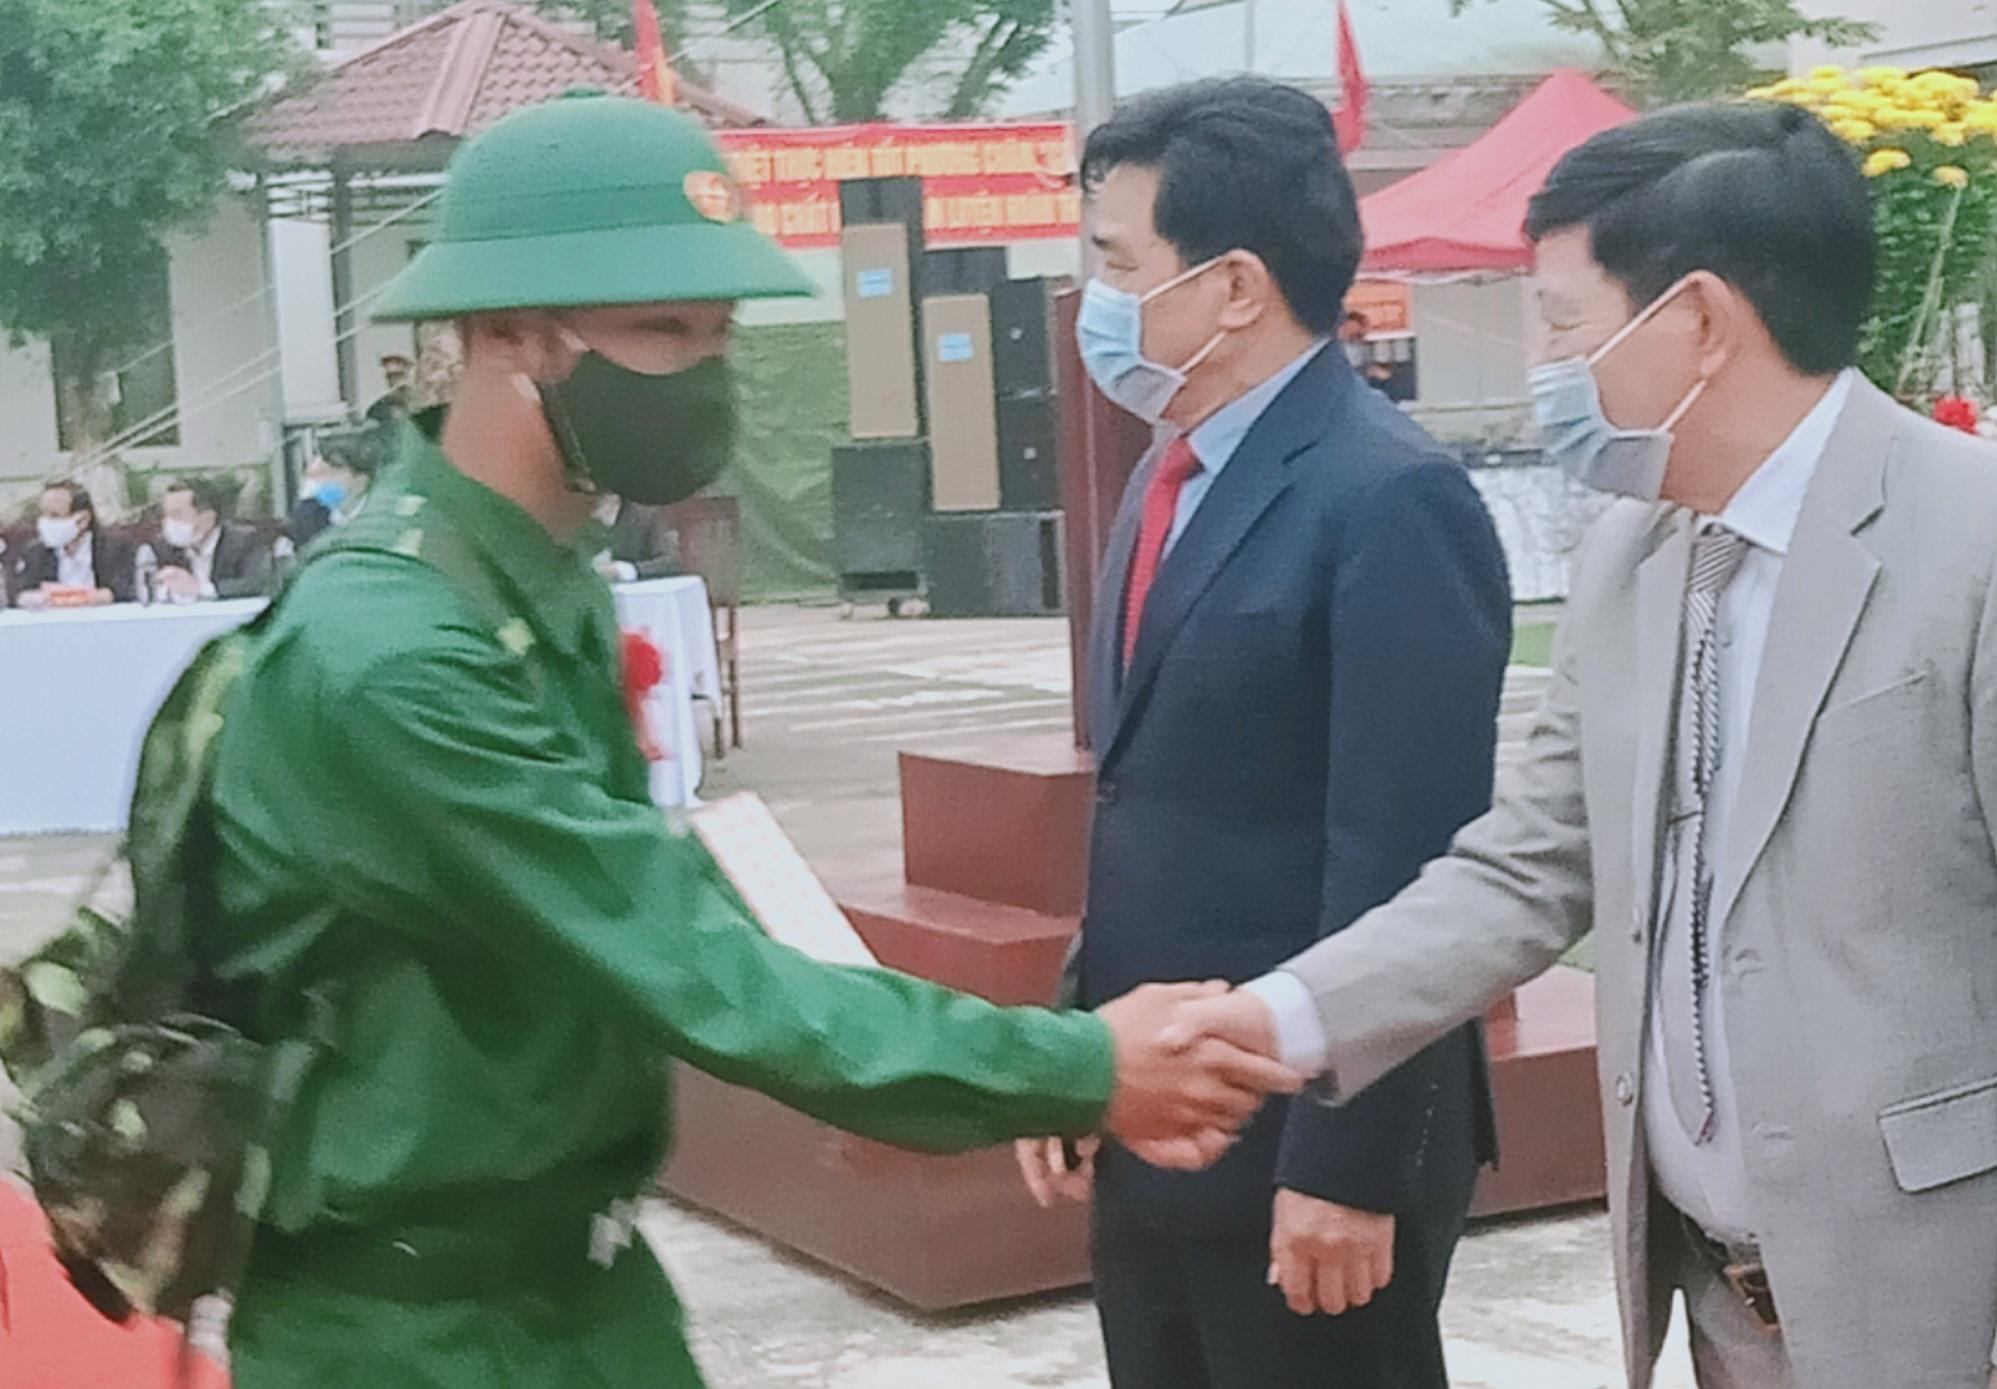 Phó Bí thư Thường trực Tỉnh ủy Lê Văn Dũng và lãnh đạo huyện Hiệp Đức động viên tân binh trước giờ lên đường nhập ngũ. Ảnh: VĂN MINH